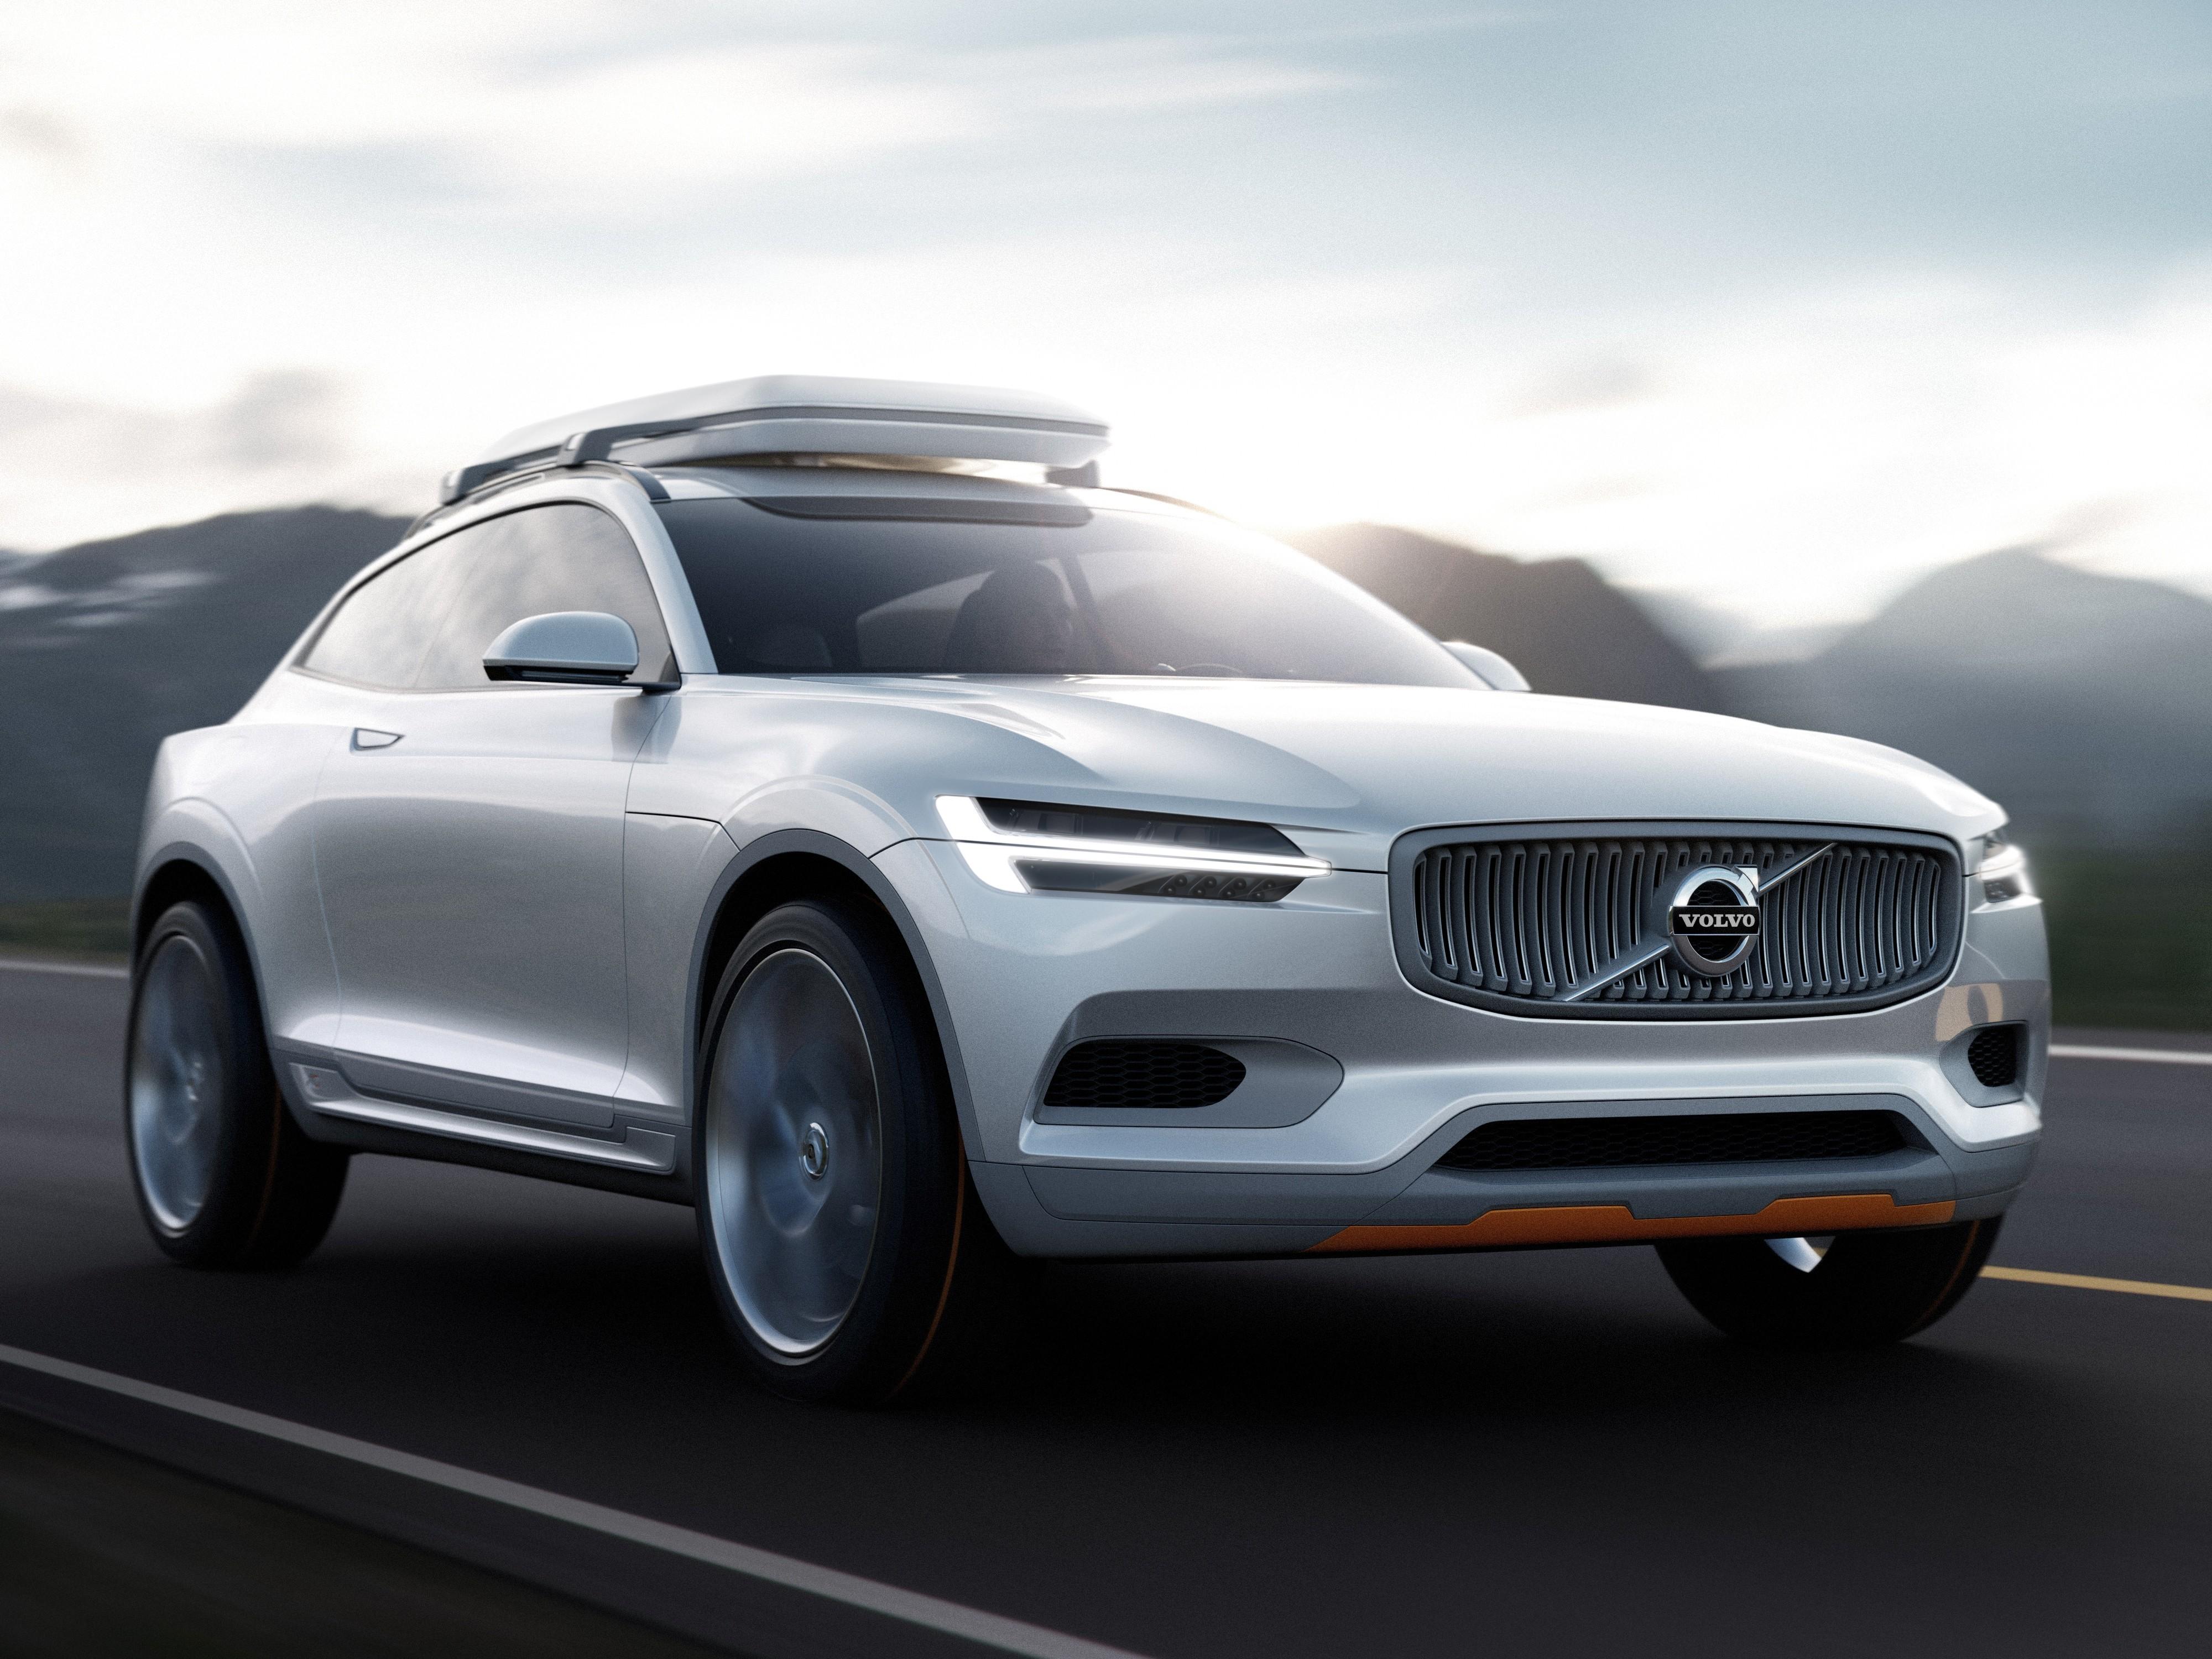 По скетчам можно проникнуться духом и философией будущей модели. Фото Volvo